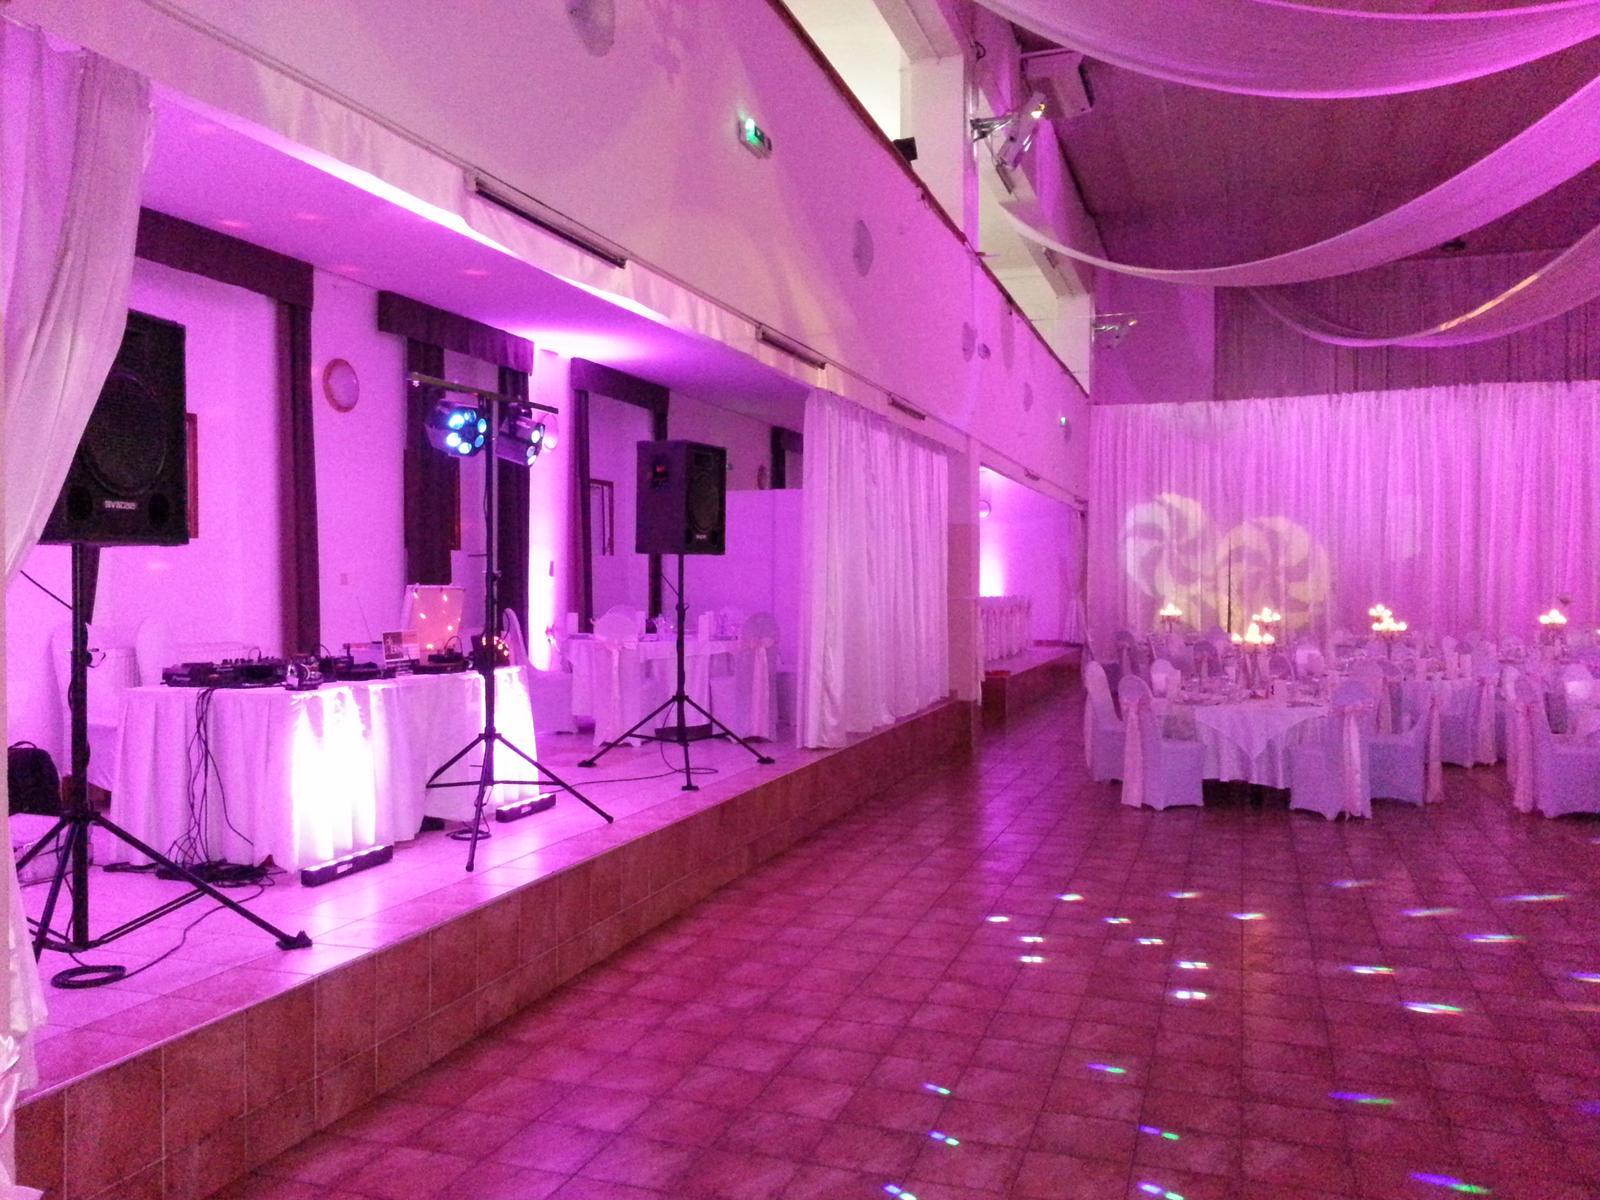 dj_erni - Svadba PKO Nitra - výborní hostia aj zábava